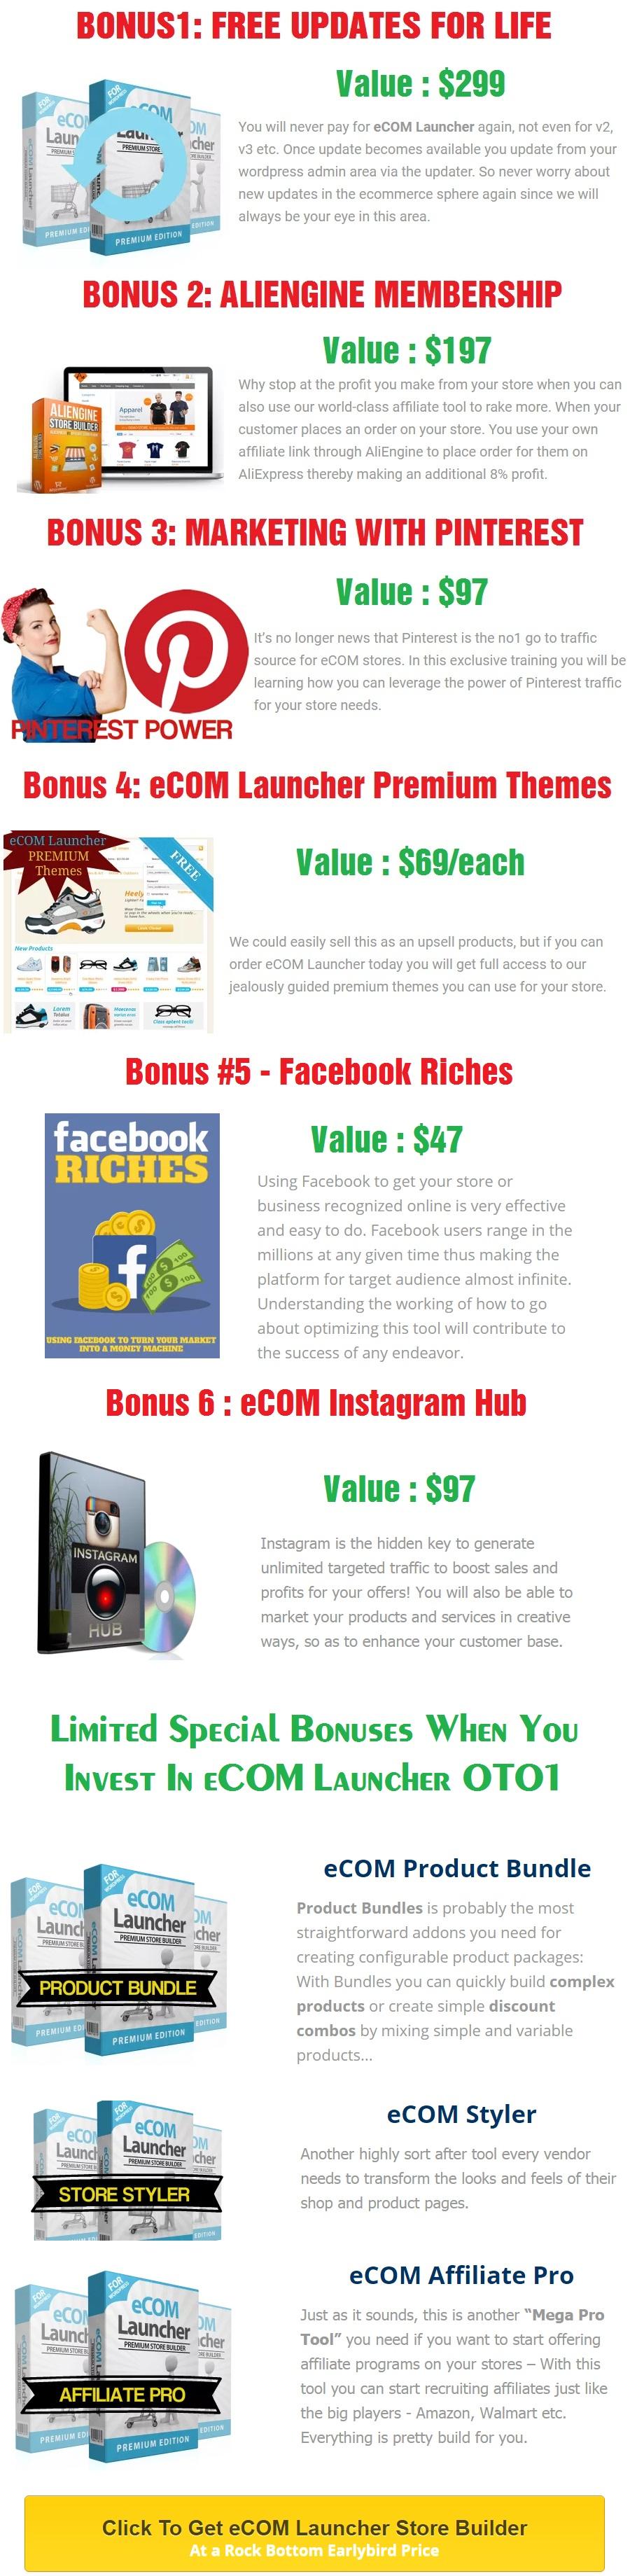 eCom Launcher Bonus